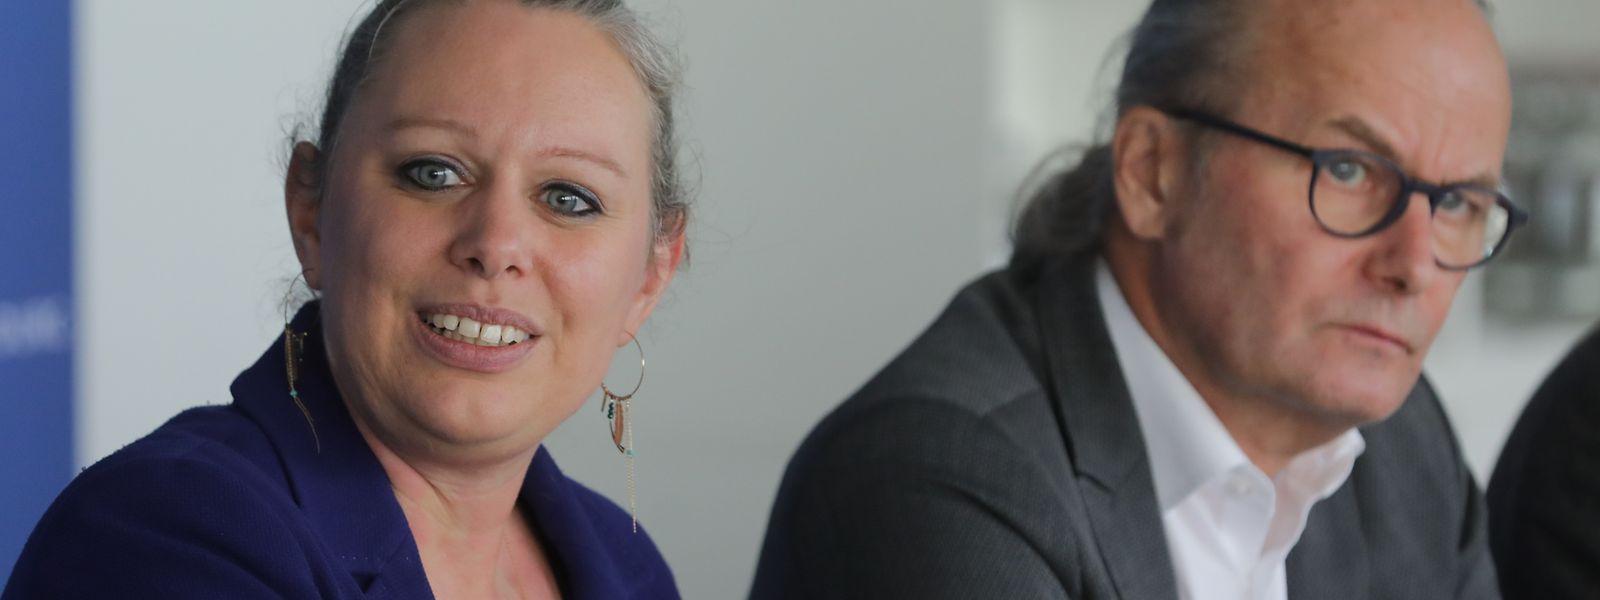 Hausaufgabe erledigt: Der Ministerrat billigte den Entwurf zum Klimagesetz von Carole Dieschbourg und Claude Turmes (beide Déi Gréng).